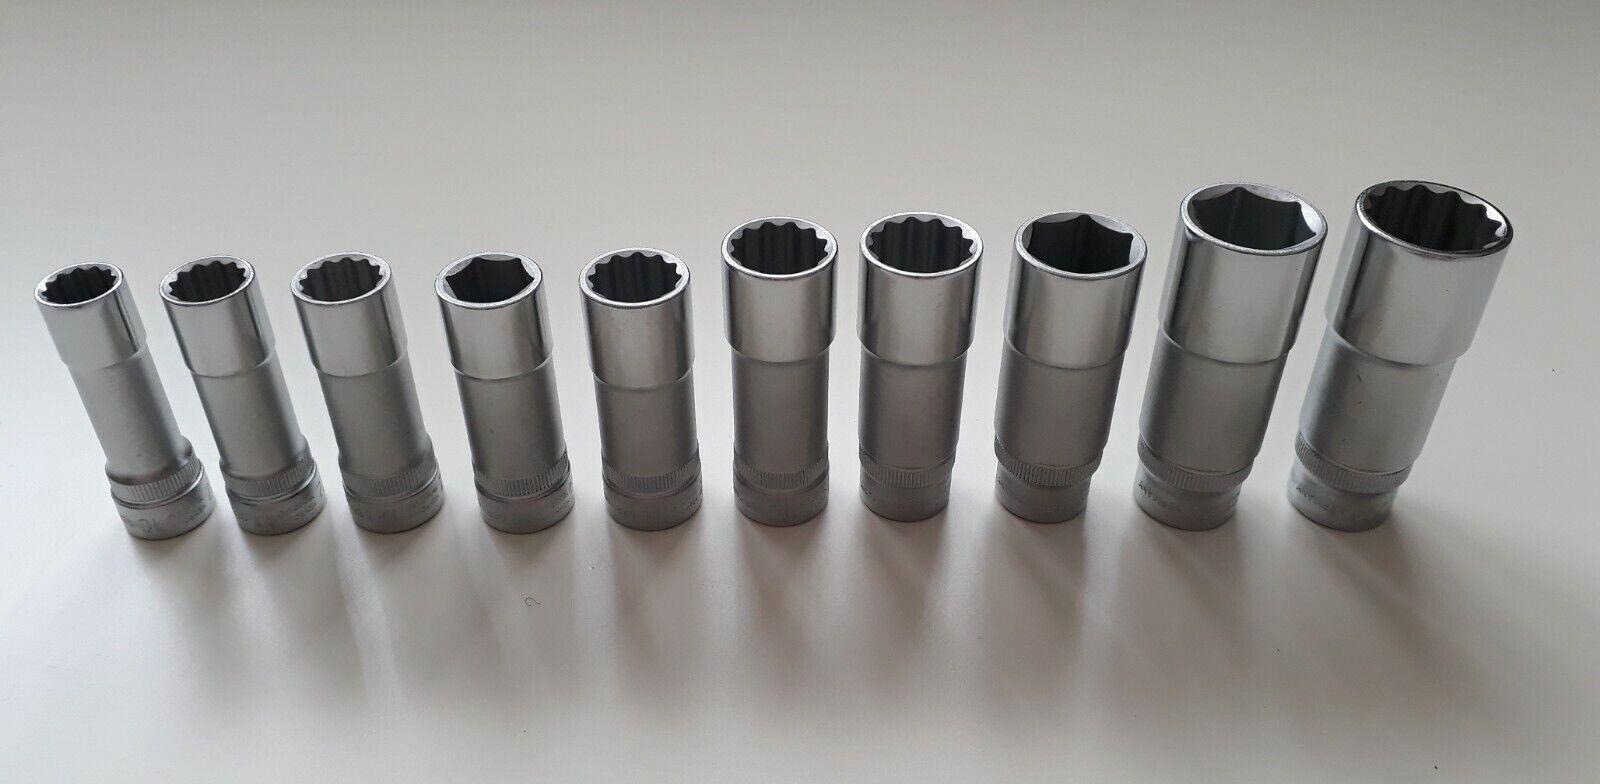 HAZET 3 8 Zoll Steckschlüssel-Einsatz Lang, 10-19mm, 10 Teilig